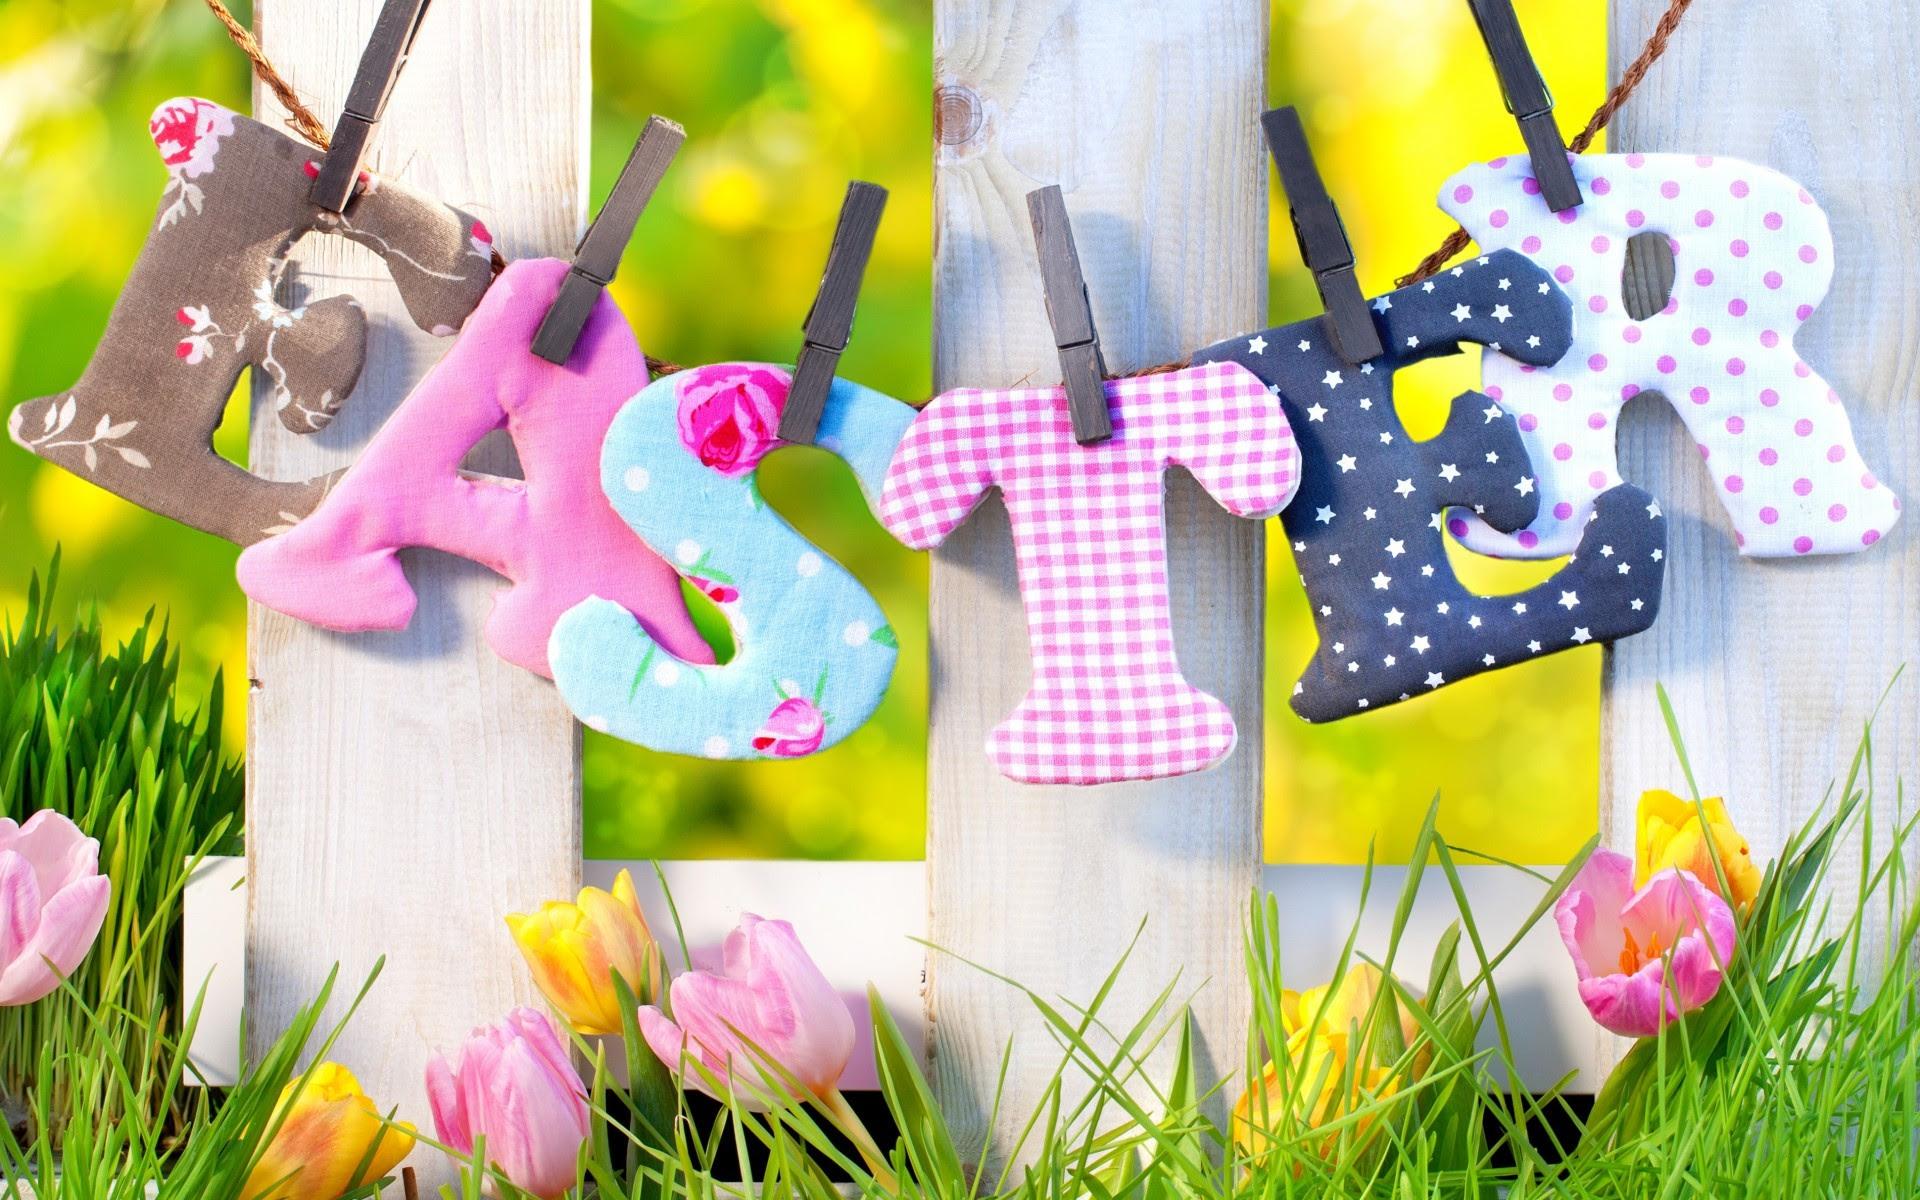 Happy Easter Backgrounds for Desktop 66  images